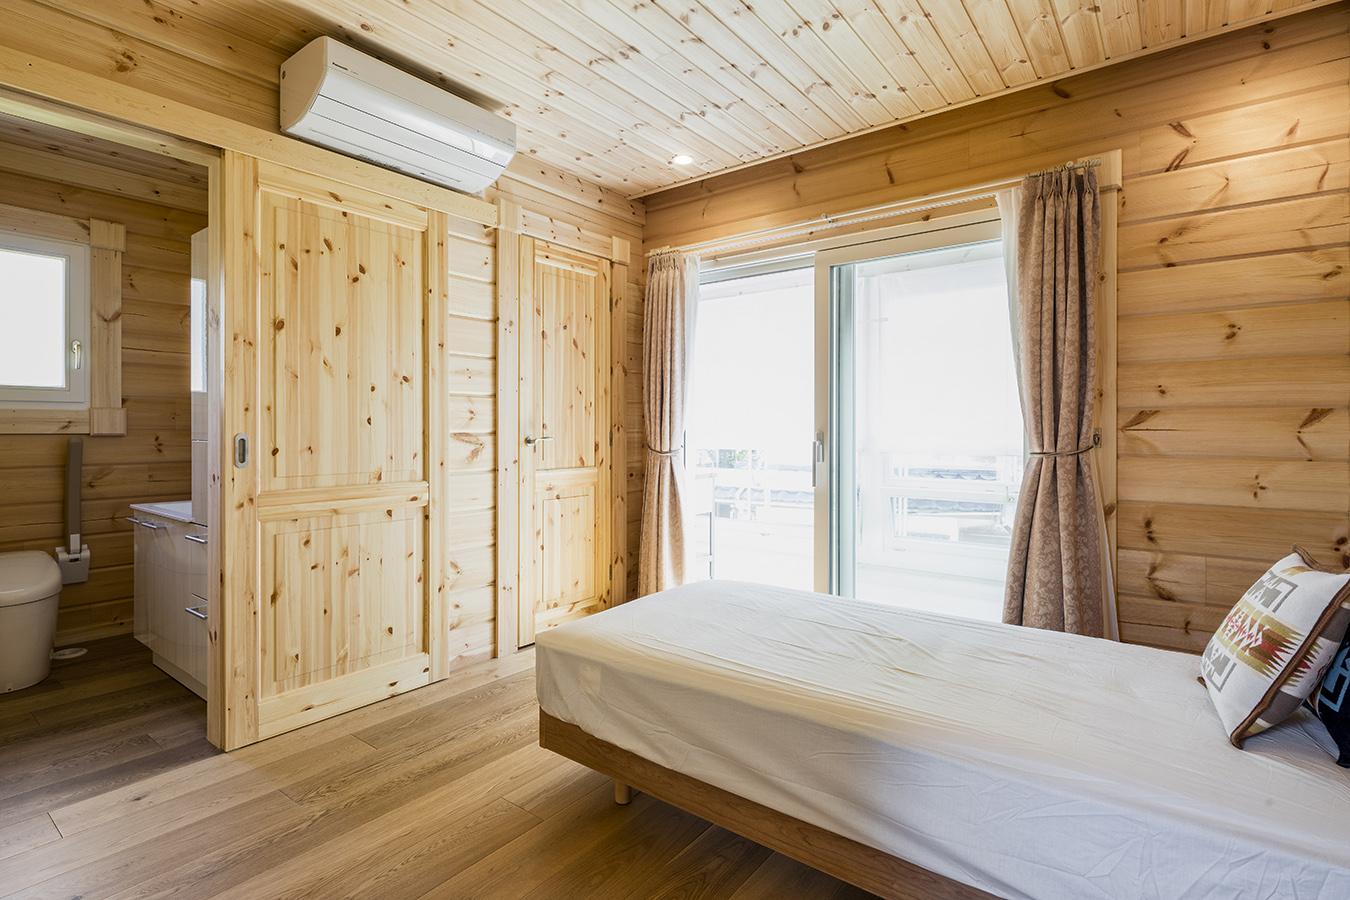 ロフトやLDKと違い、無塗装の壁。木本来のあたたかさを感じられる寝室。